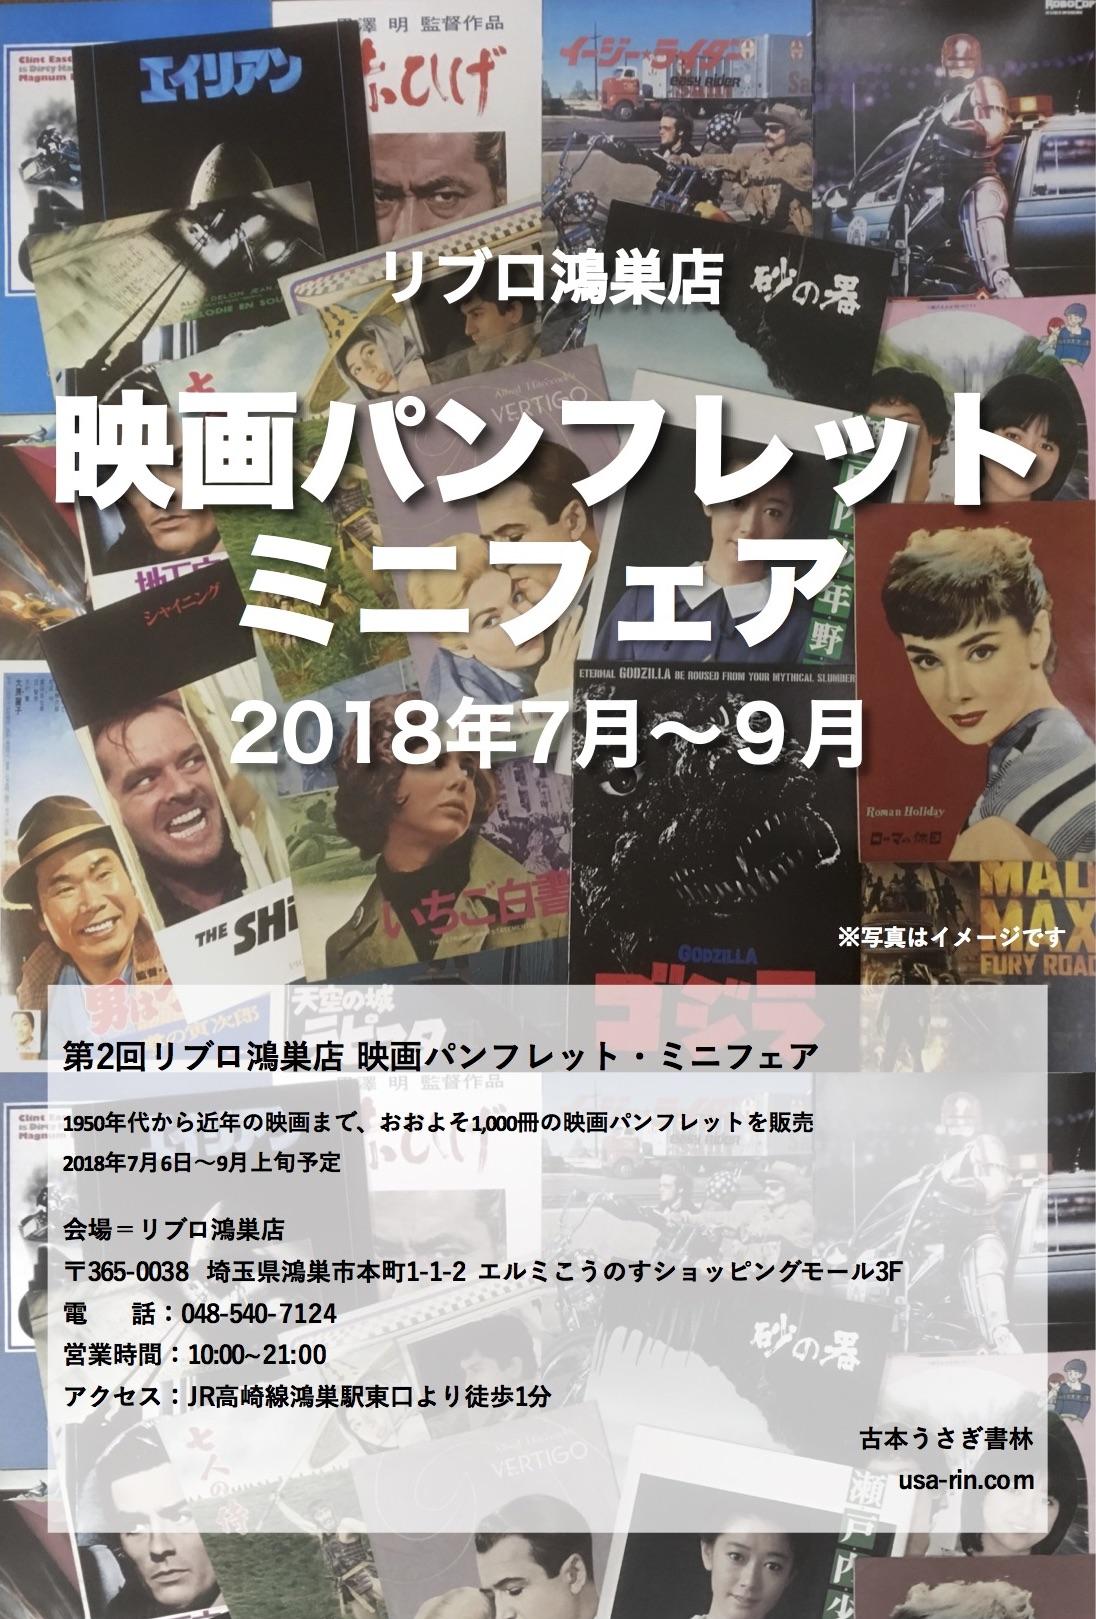 リブロ鴻巣店 映画パンフレットミニフェア